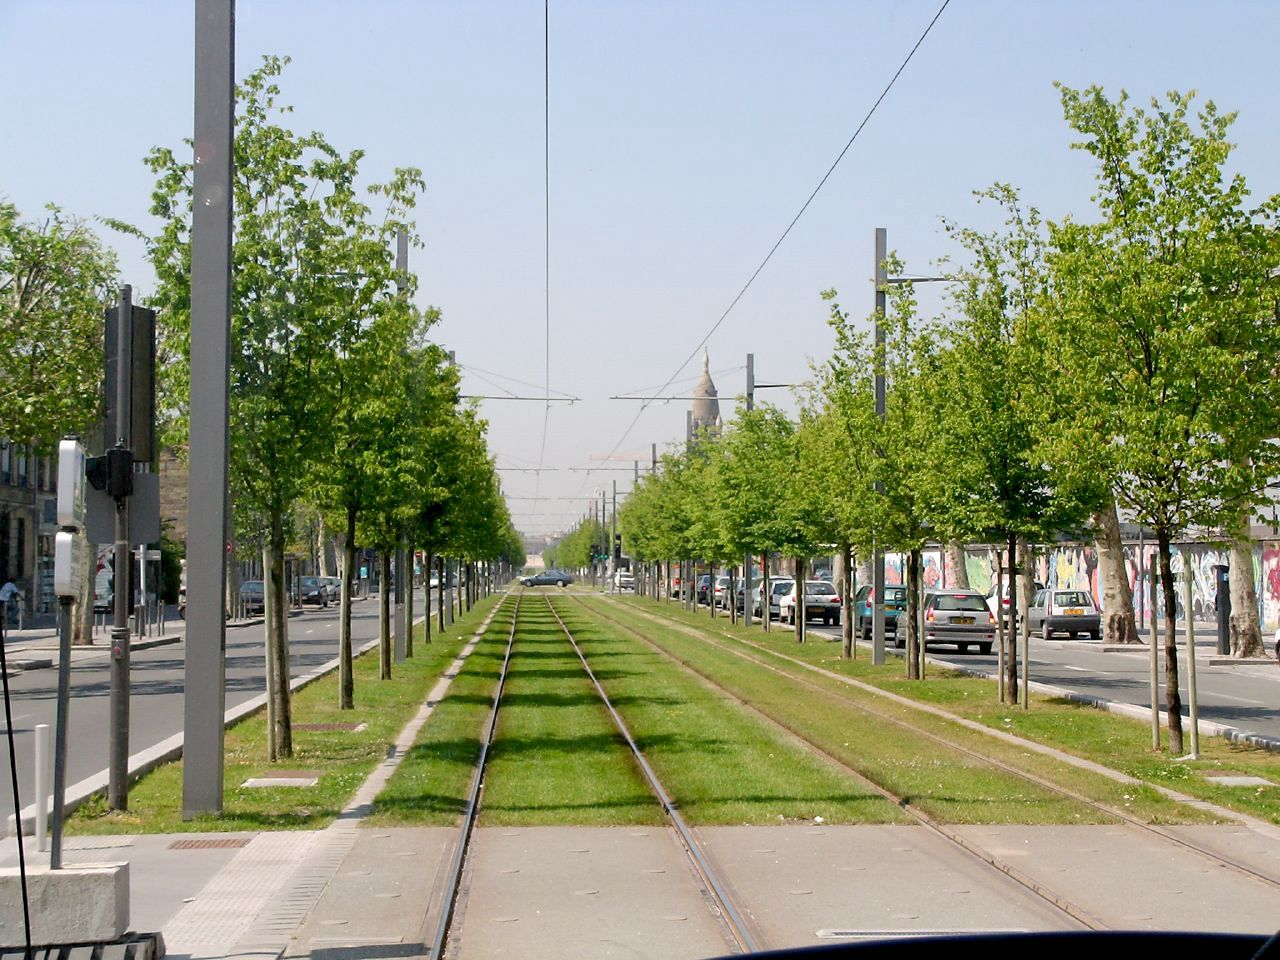 Avenue Thiers Bordeaux (c)NeiTech CC BY-NC-ND 2.0 Flickr